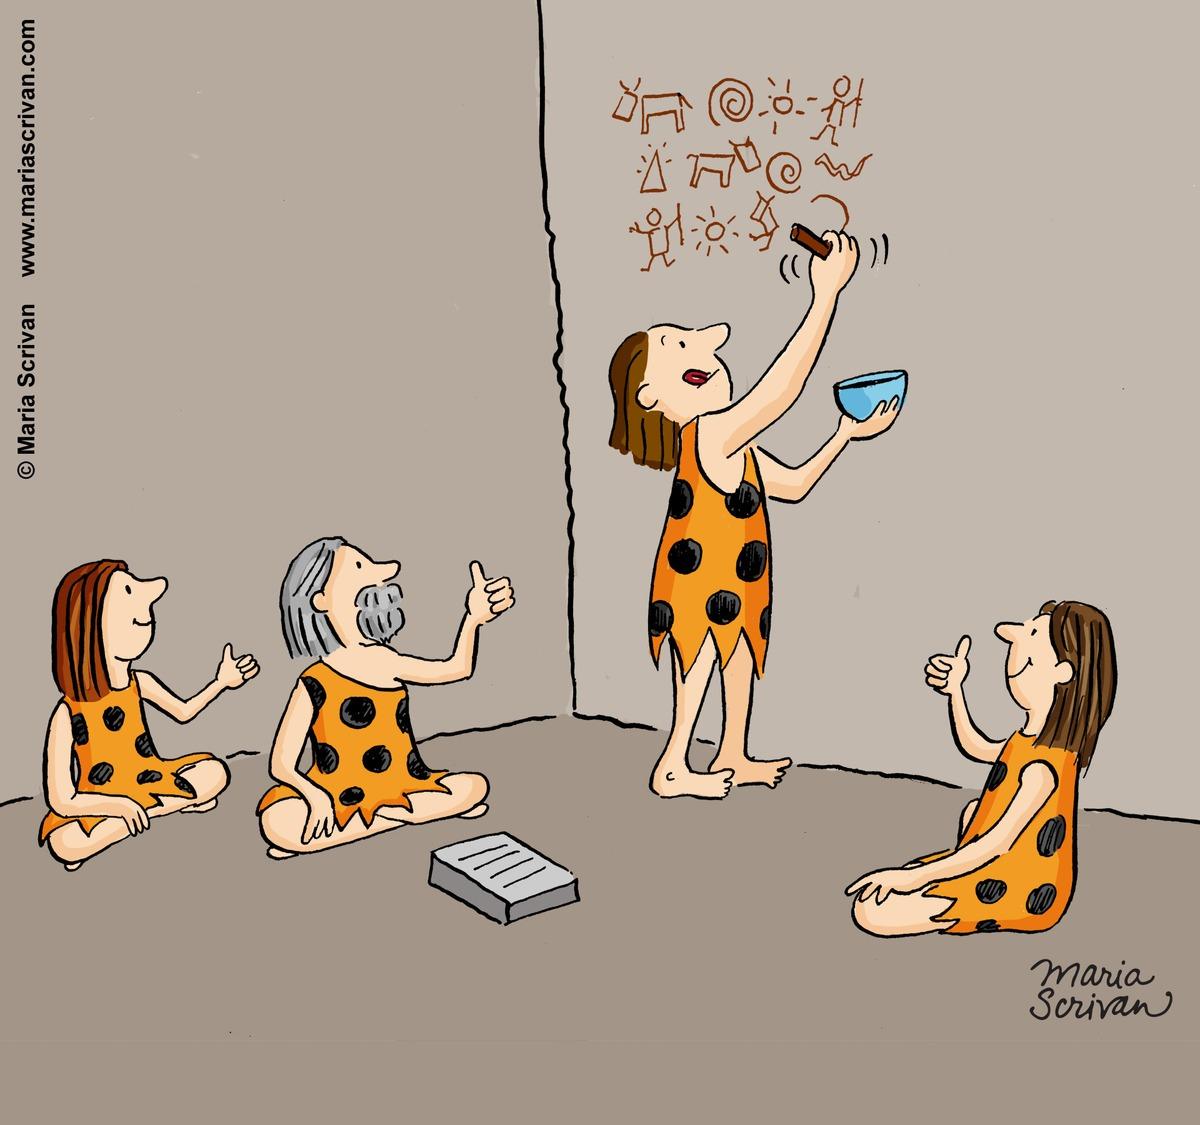 caveman_like_fullsize